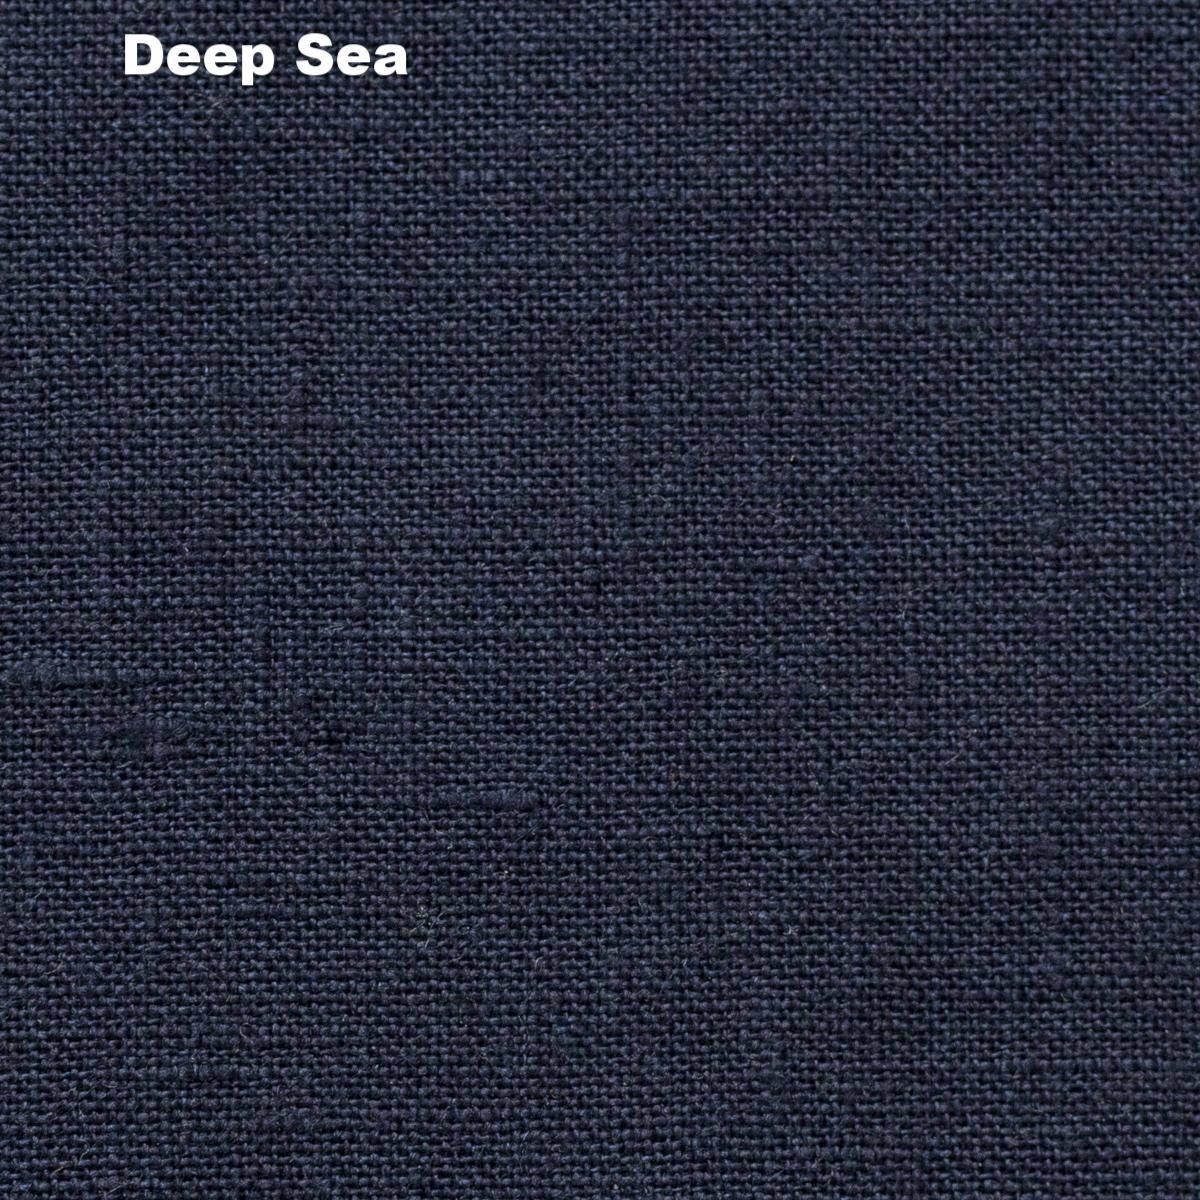 07_deep_sea.jpg